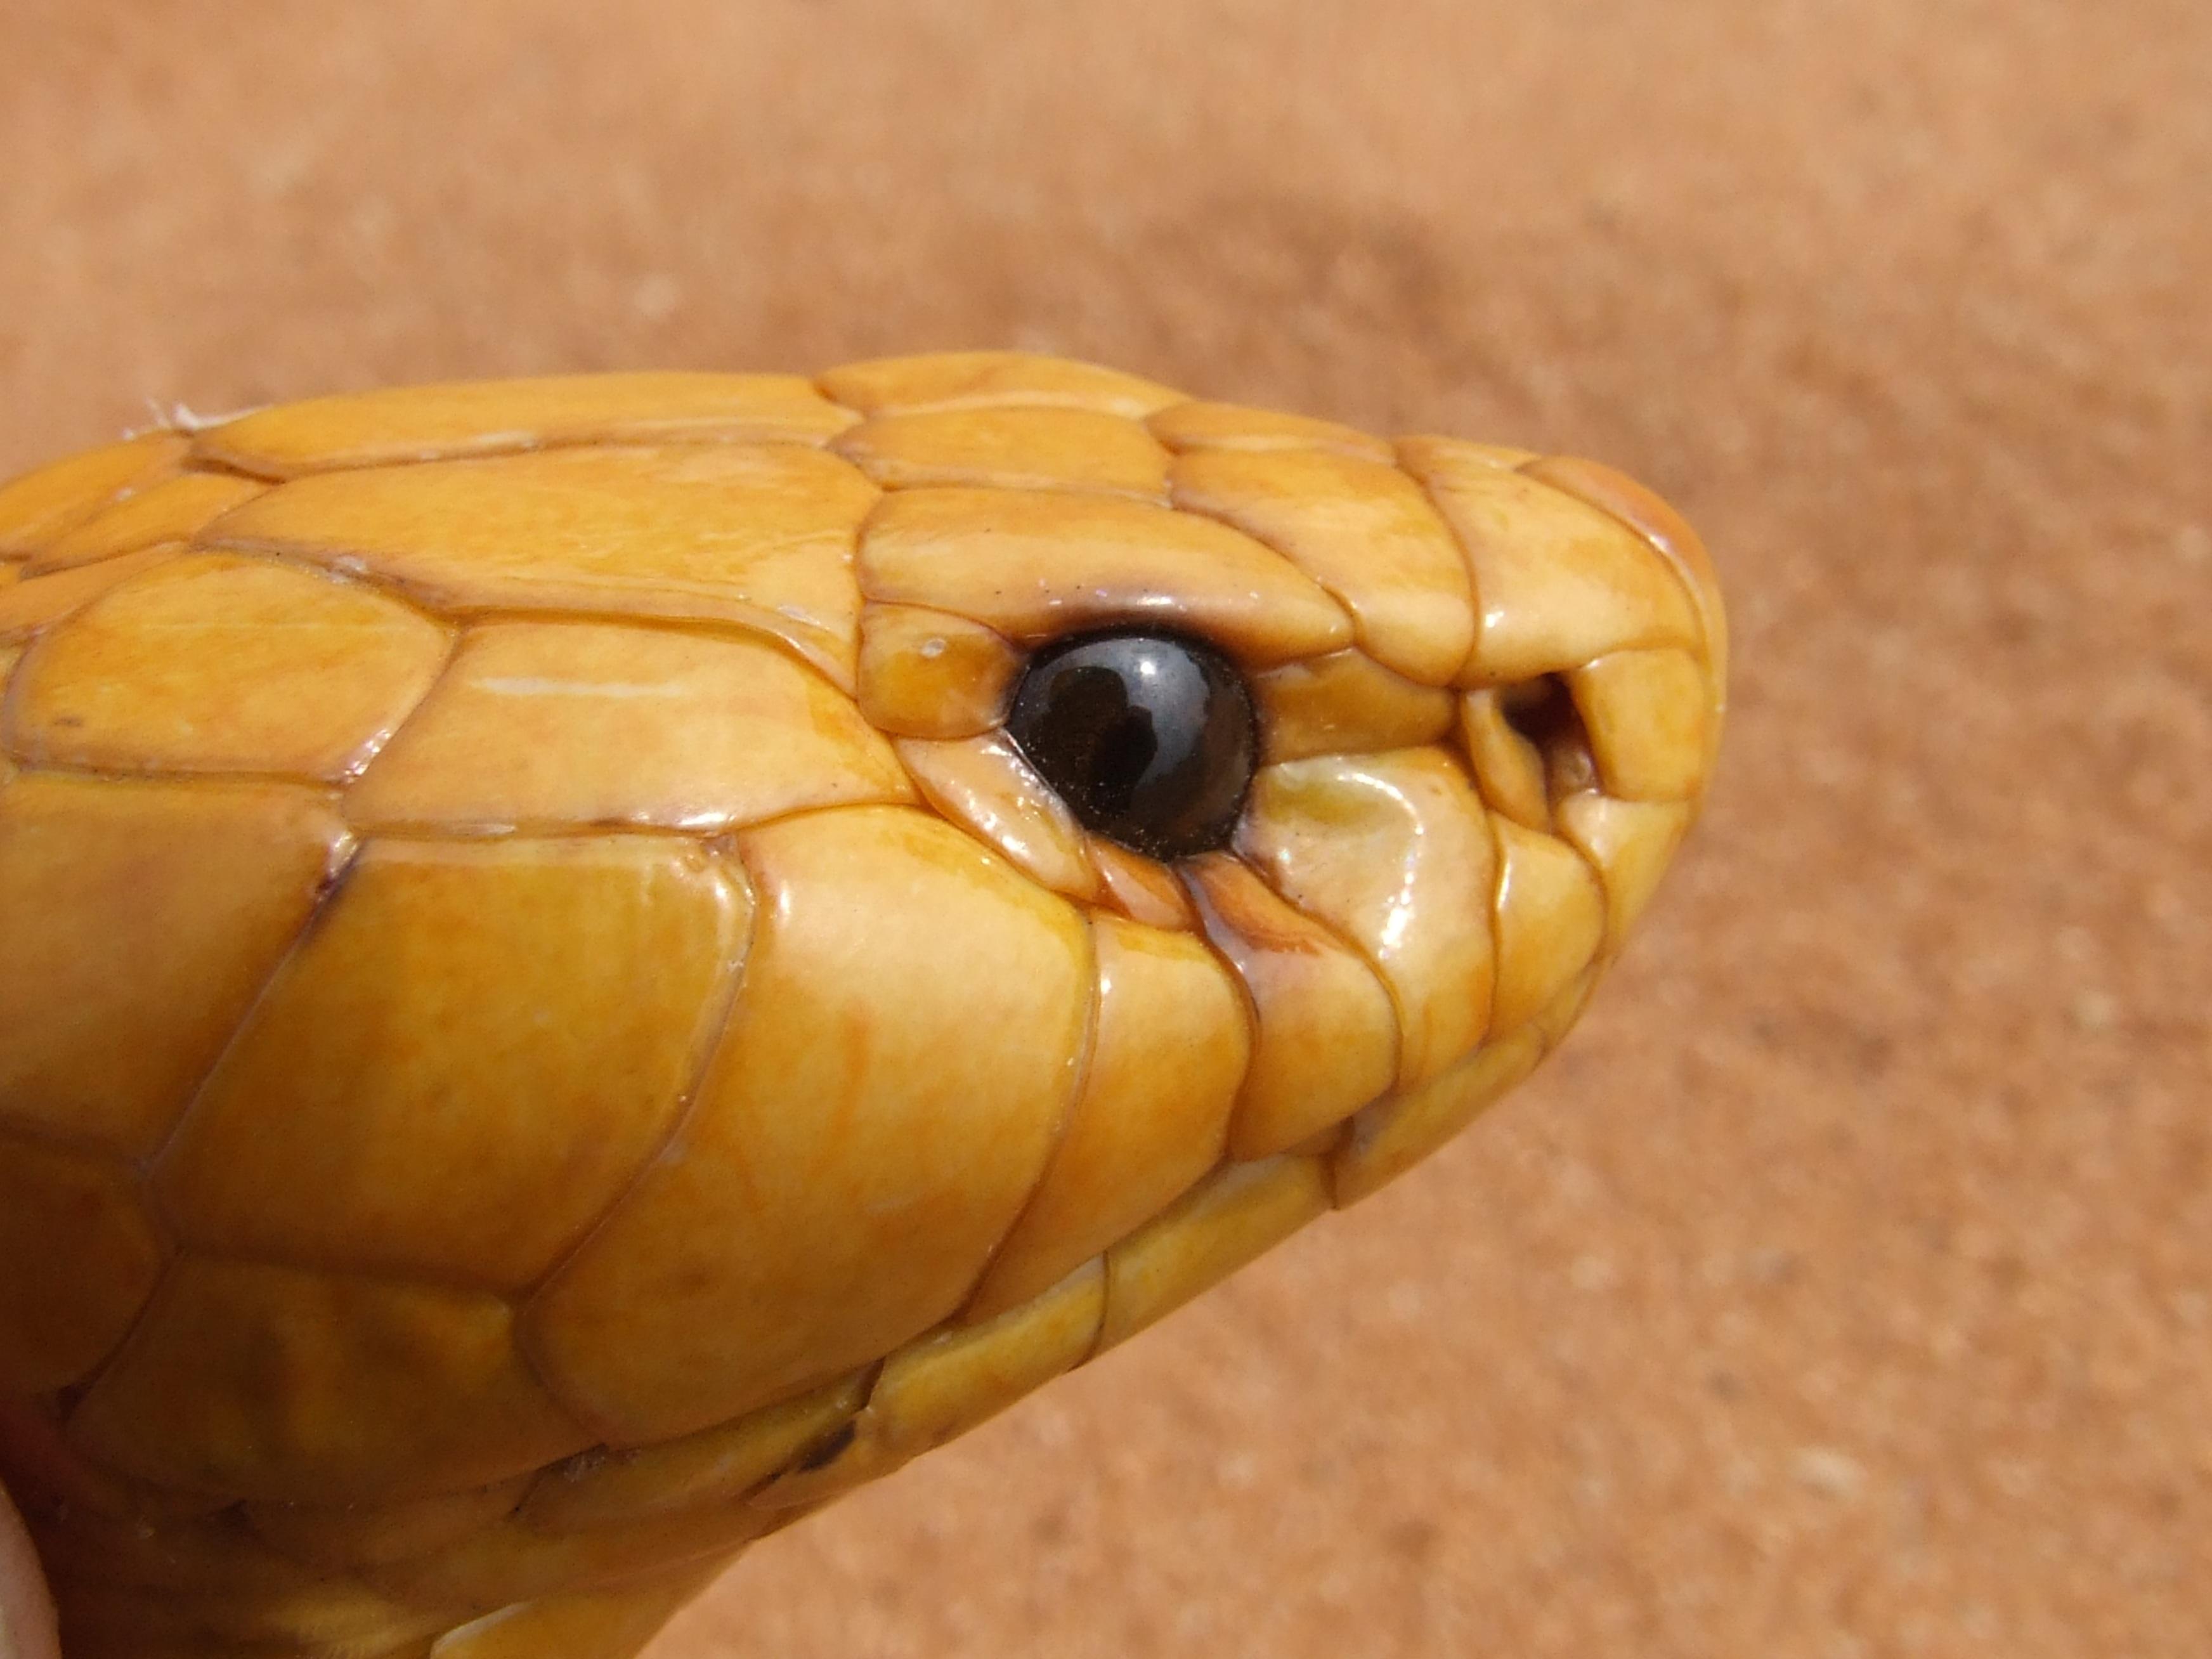 hình ảnh : thiên nhiên, Vàng, Bò sát, màu vàng, Động vật, Đóng lên, Mắt, cái đầu, con rắn, Động vật có xương sống, quy mô, Rắn hổ mang, nguy hiểm, Độc, ...